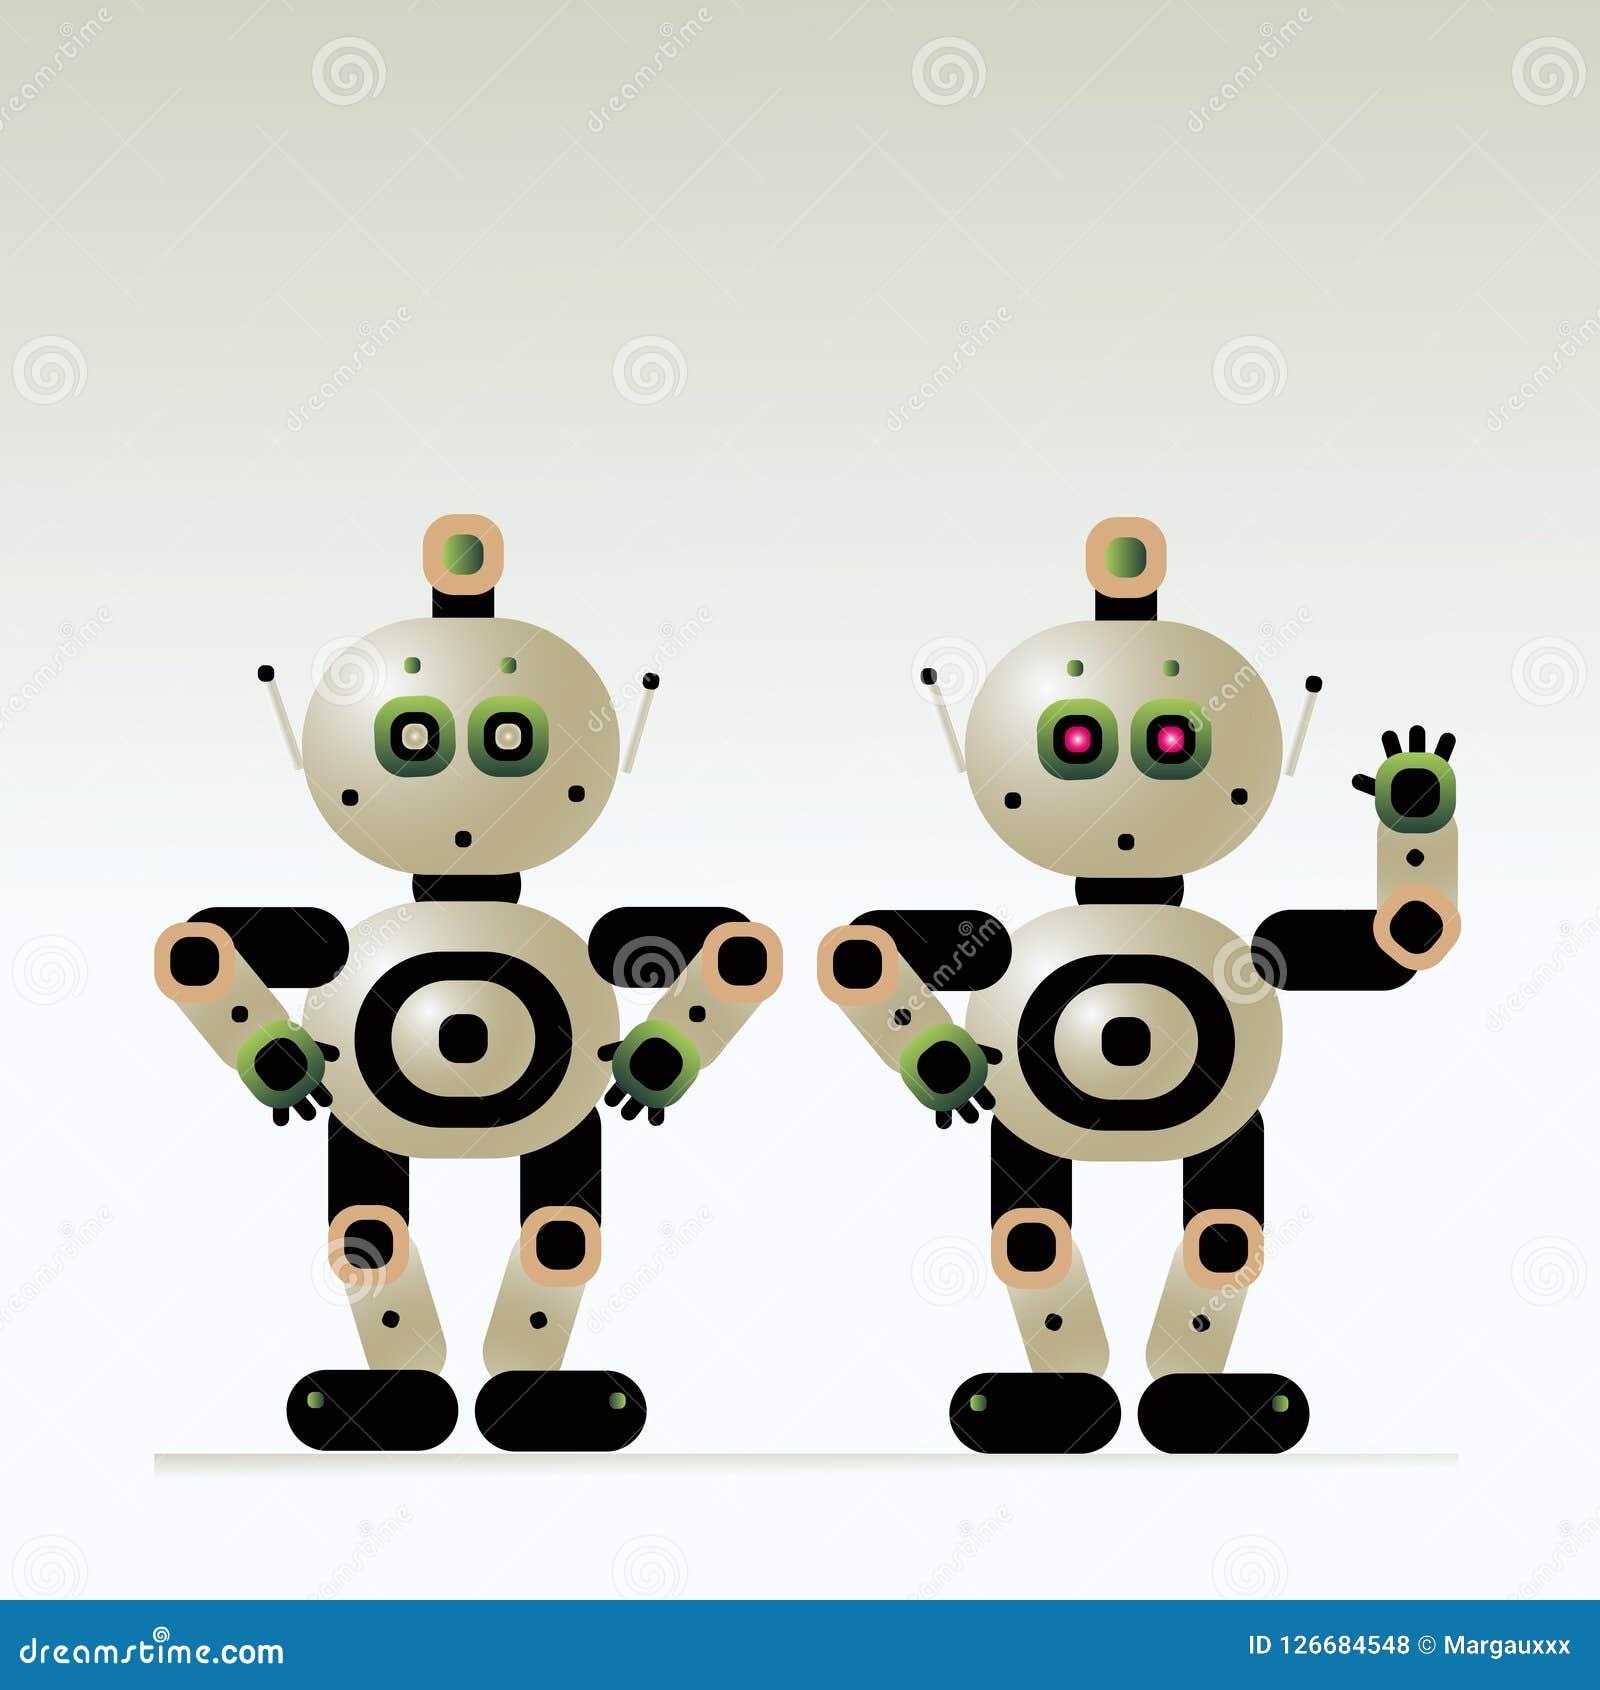 Ludzkiego robota pomocniczy instruktor odpowiada pytania i wita klientów